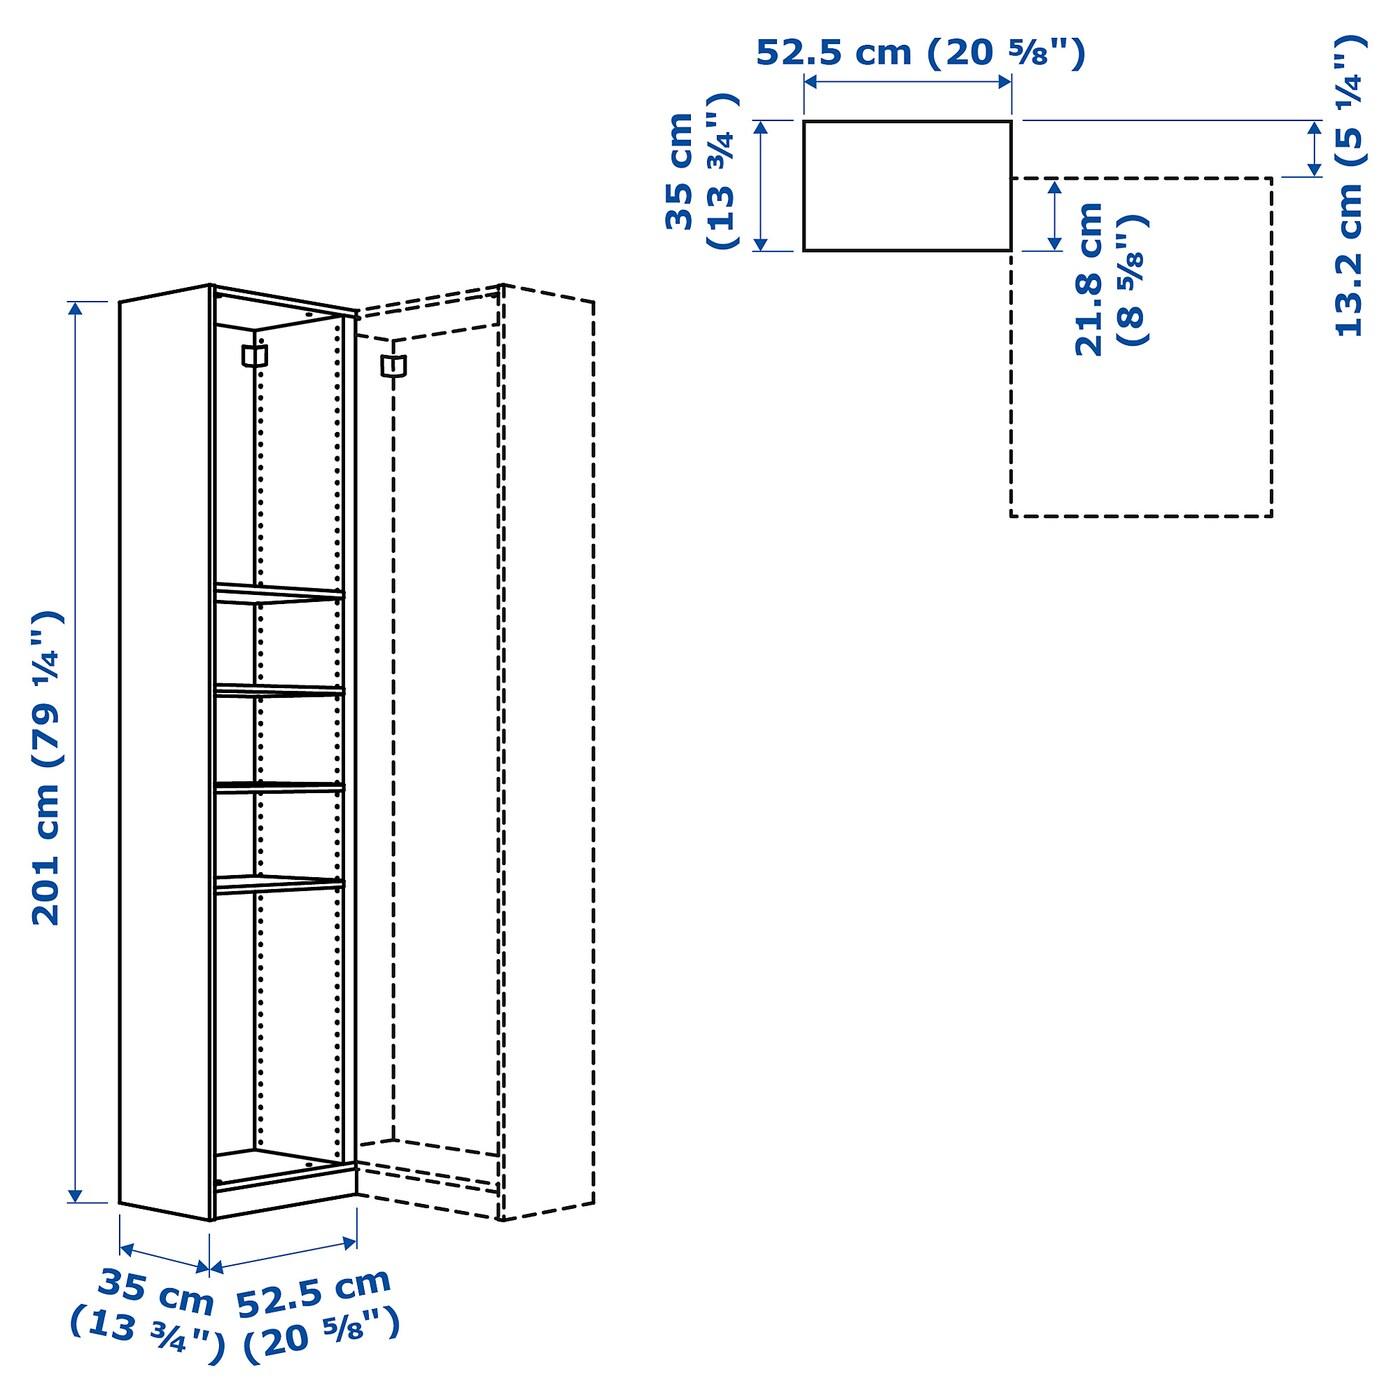 Pax Eckanbauelement 4 Boden Weiss Ikea Osterreich